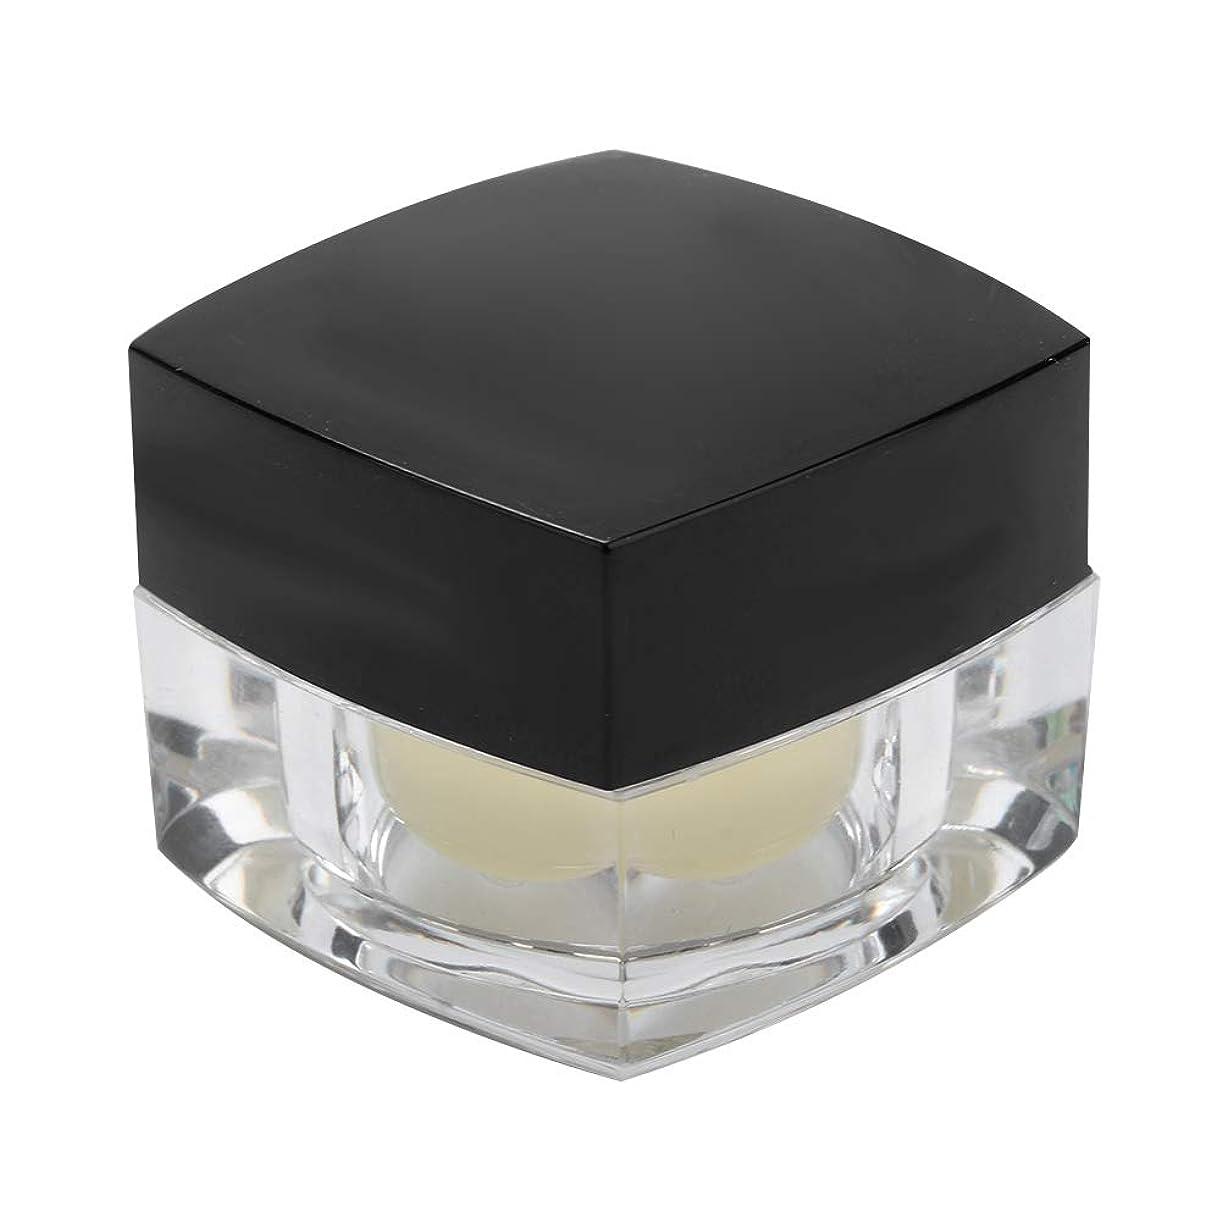 リンス適応するハードまつげエクステンション接着剤リムーバー、つけまつげクリーム非刺激性まつげグラフトゲル除去クリーム - 5g